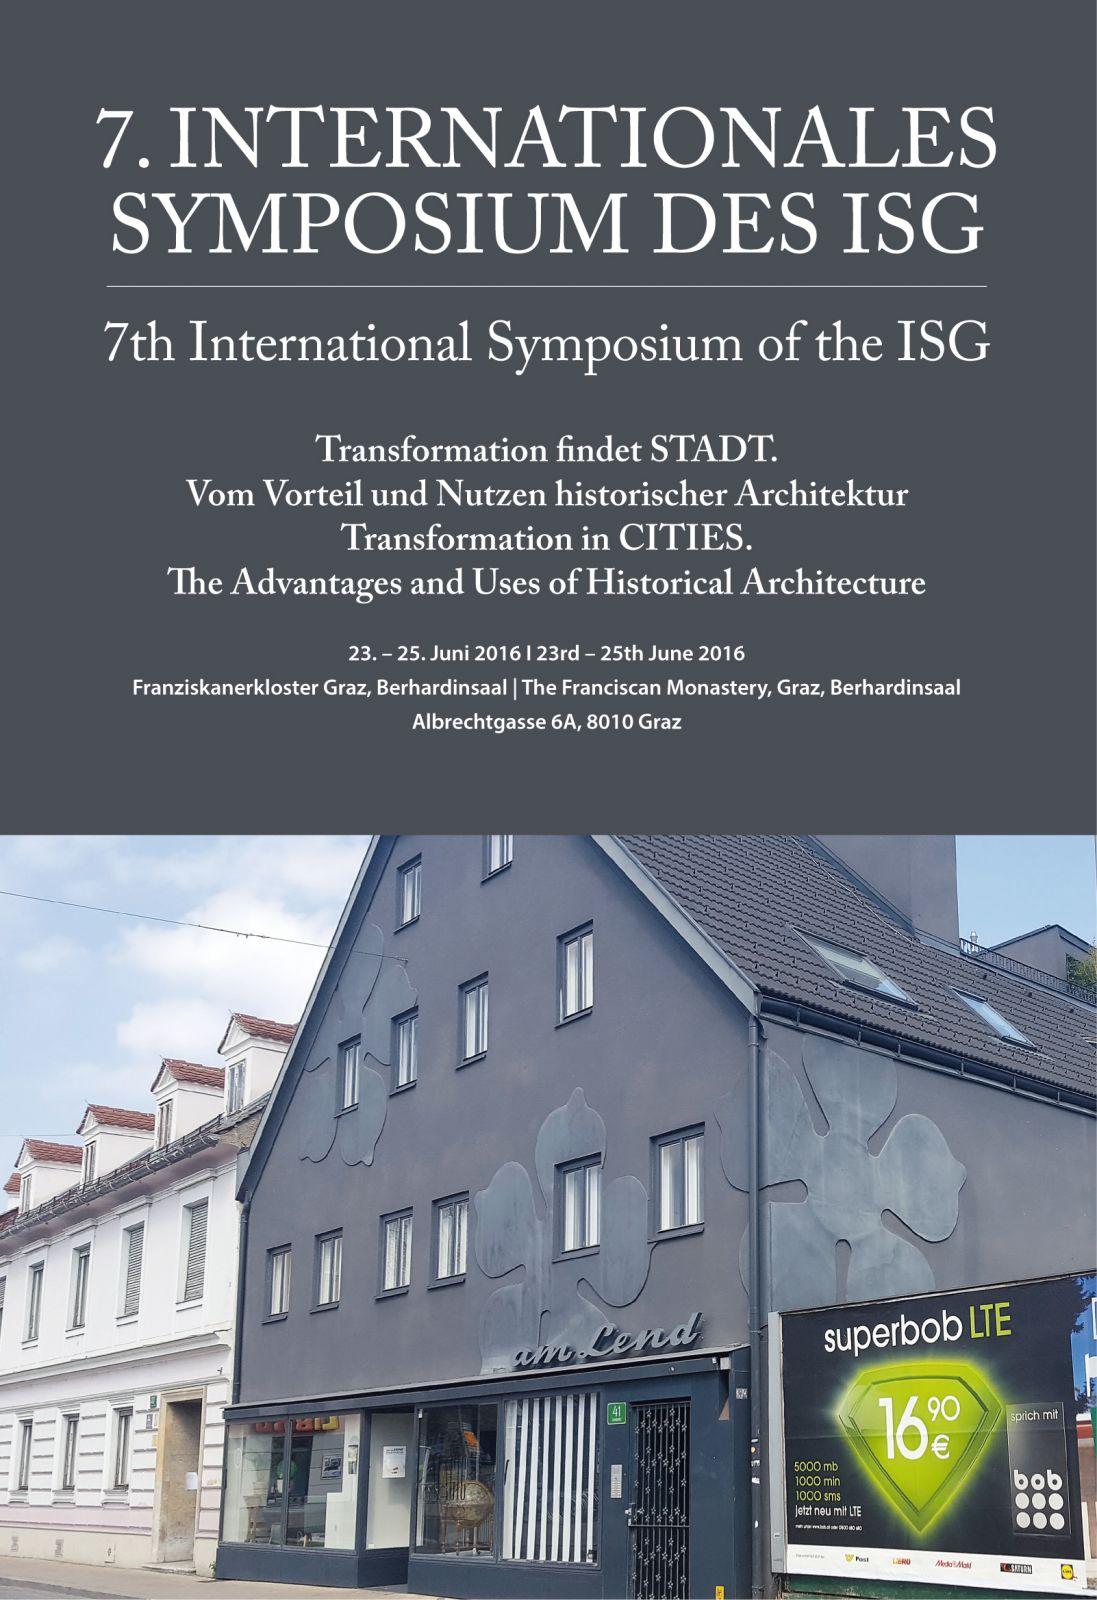 isg-symposium Transformation findet STADT.